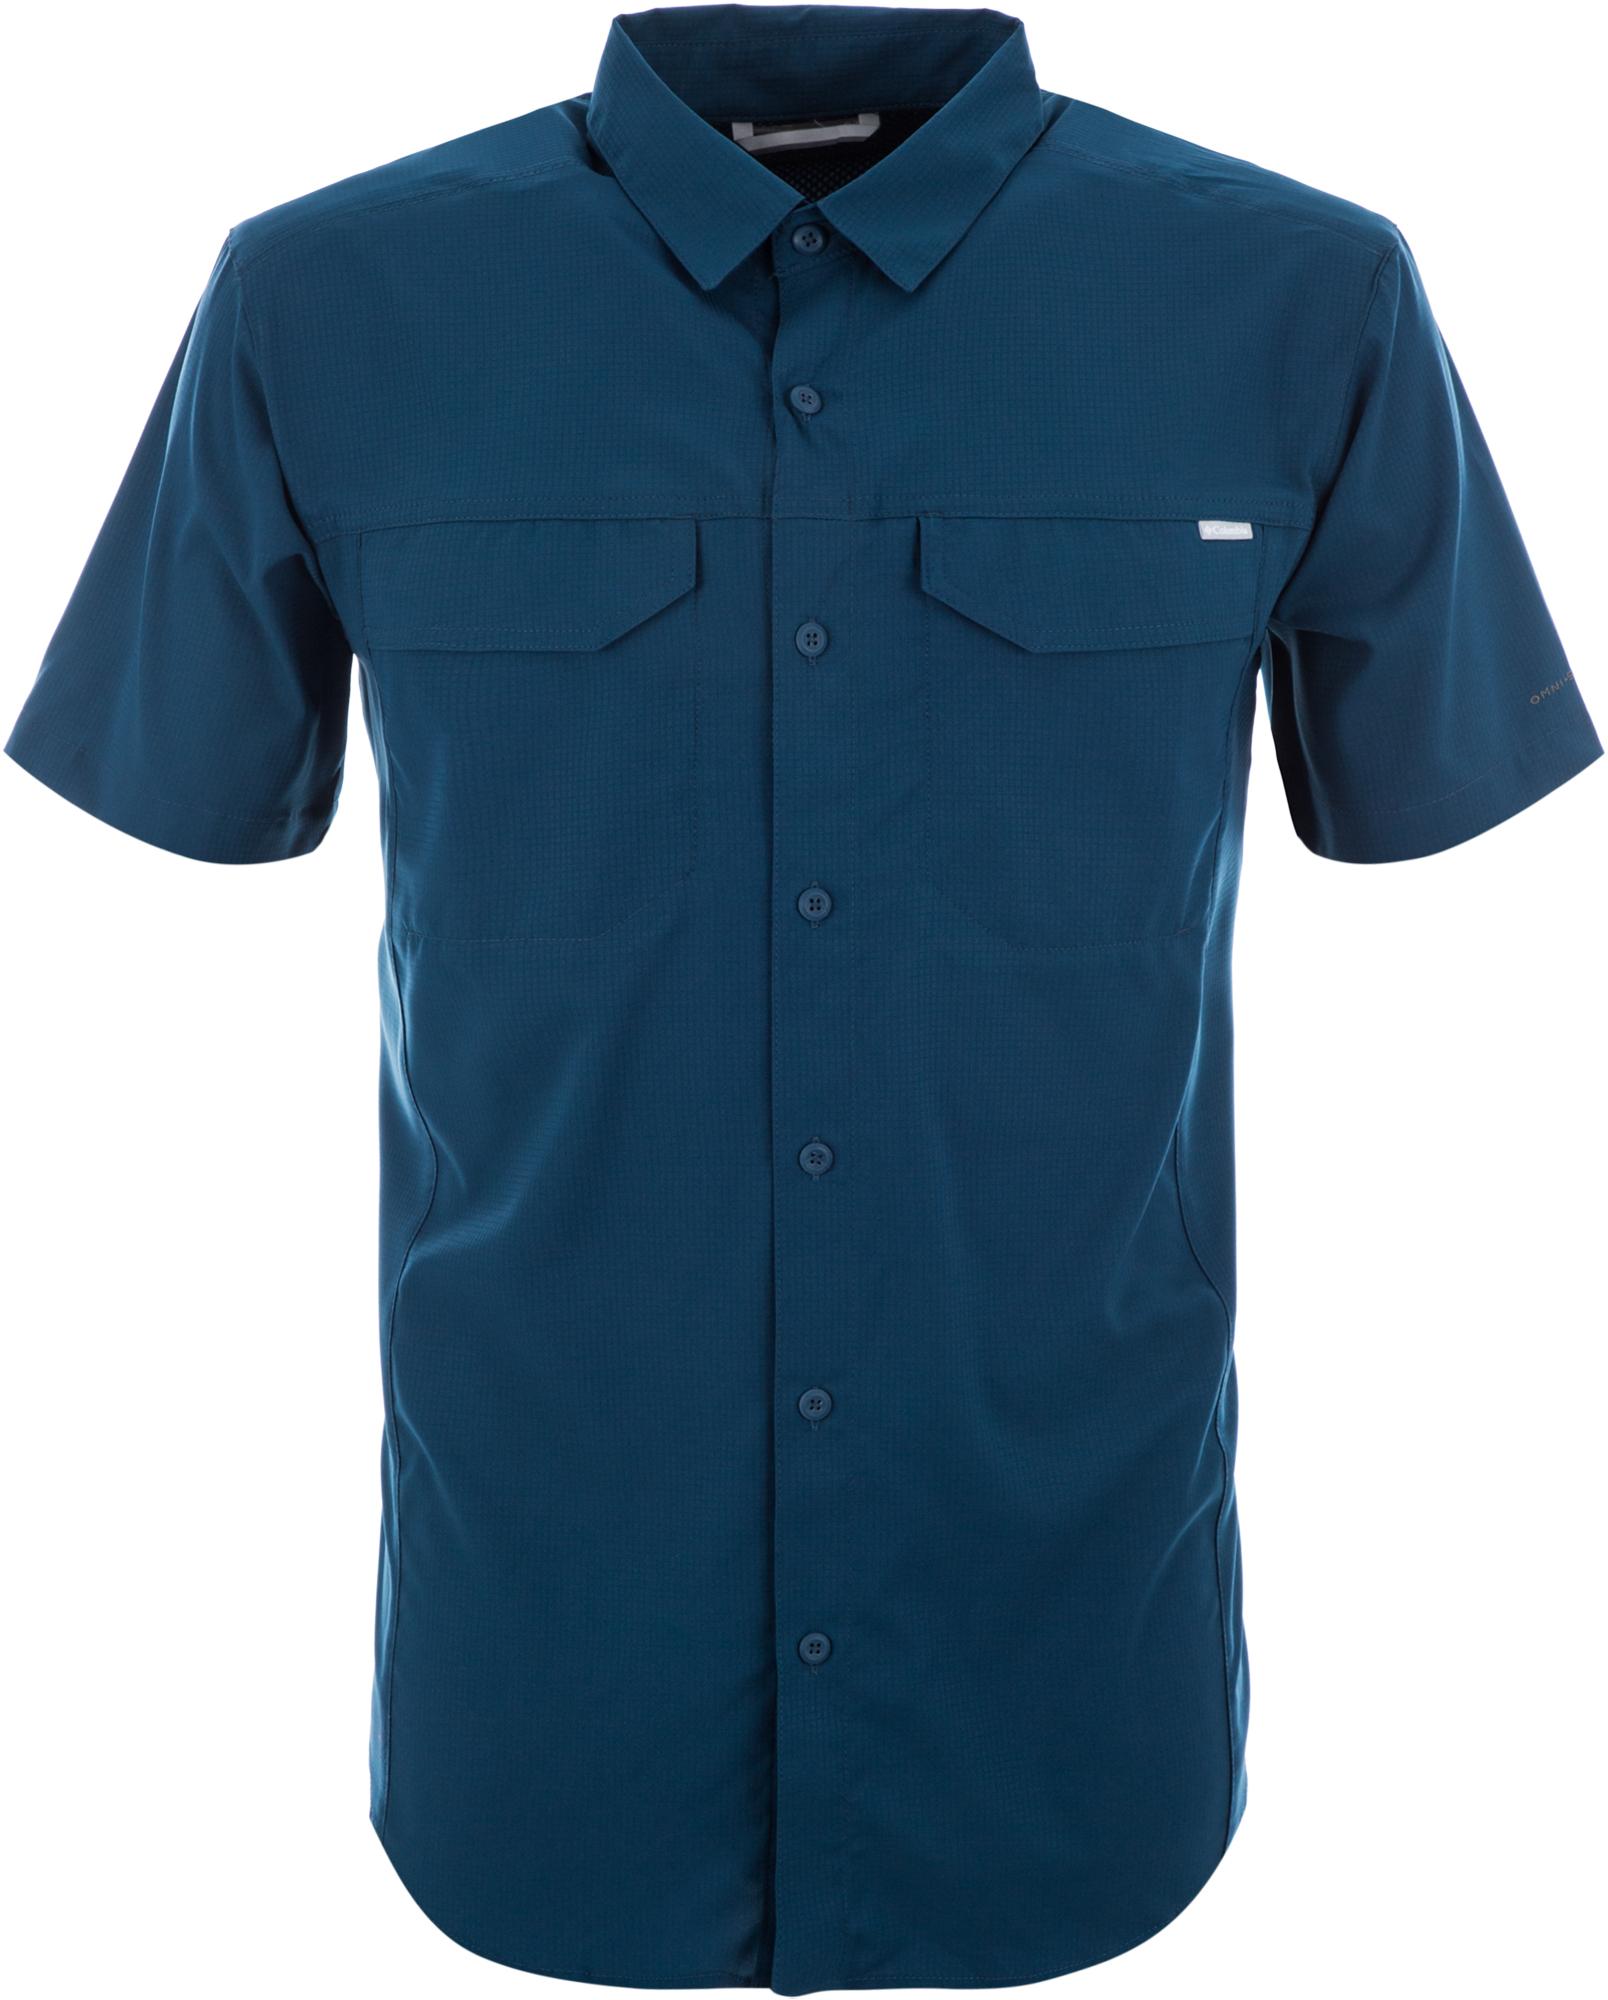 Columbia Рубашка мужская Columbia Silver Ridge Lite, размер 48-50 мужская рубашка с коротким рукавом белый